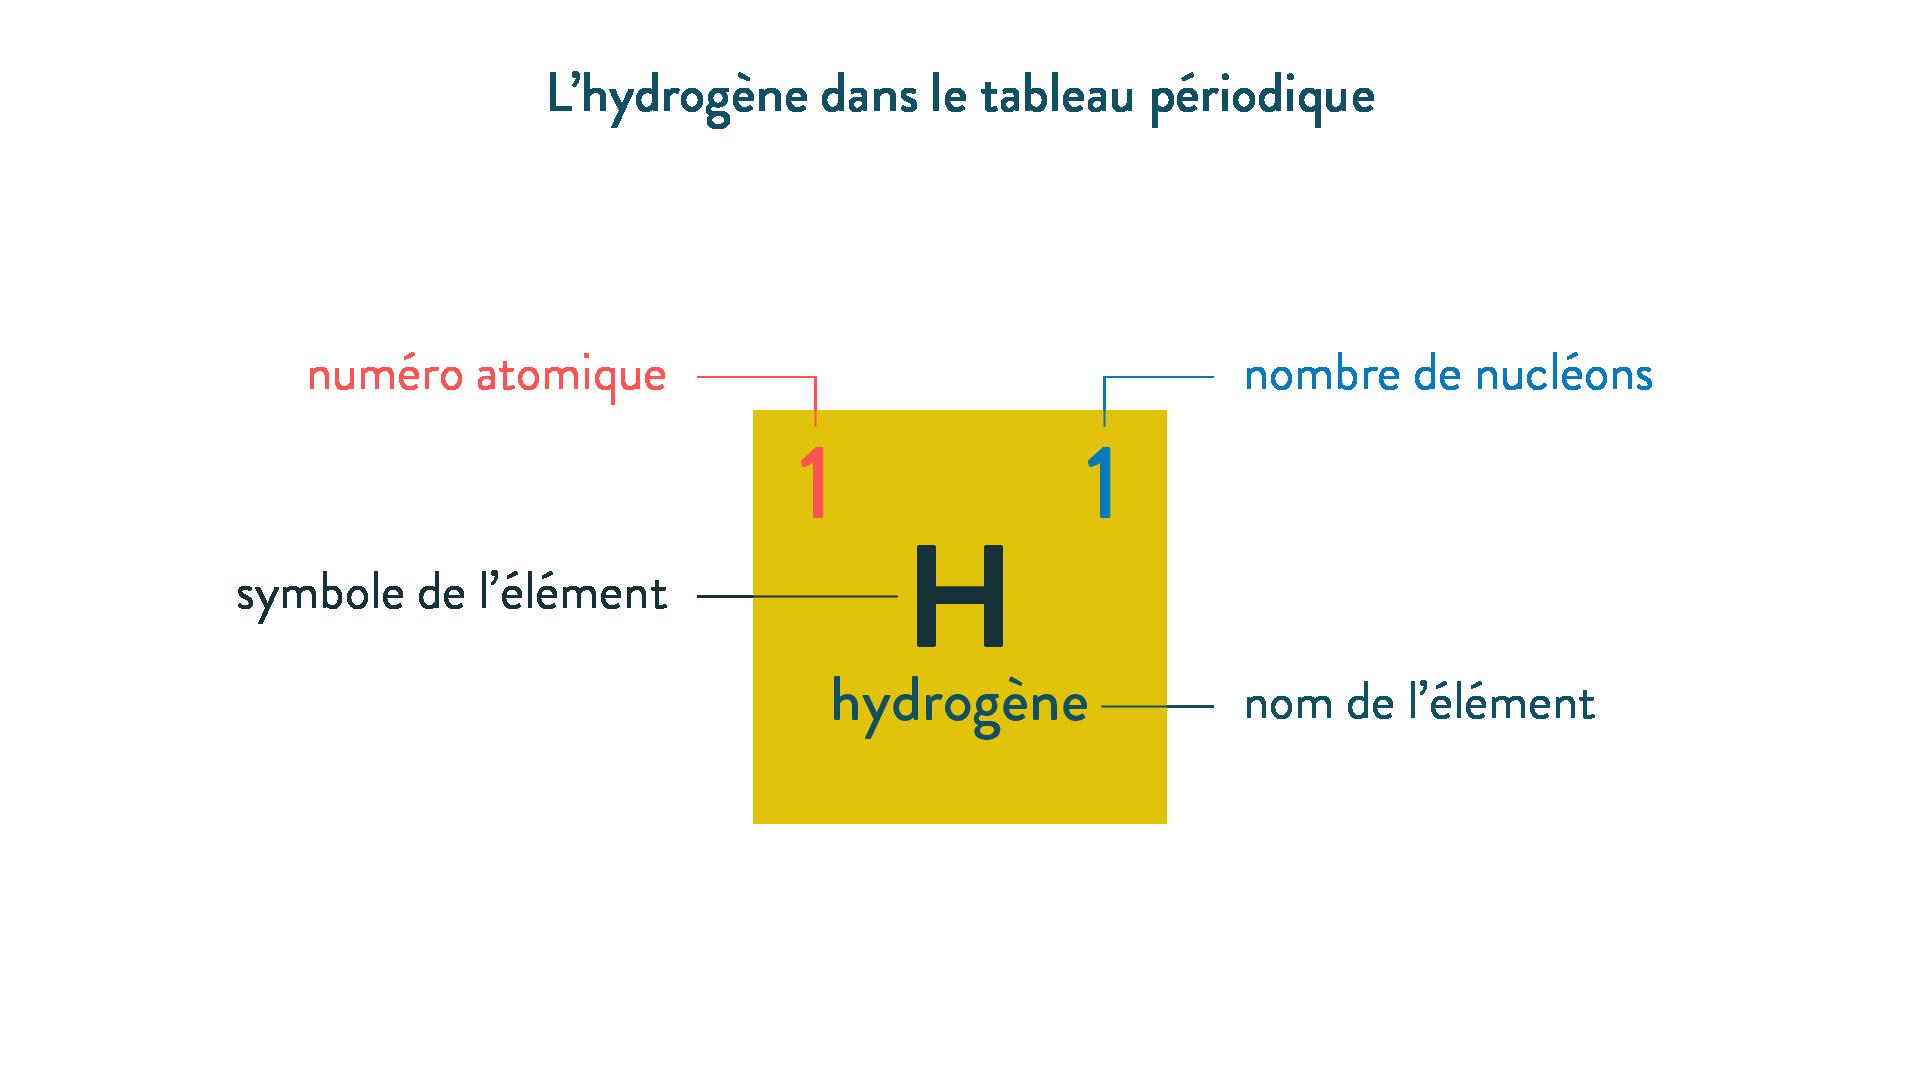 L'hydrogène dans le tableau périodique